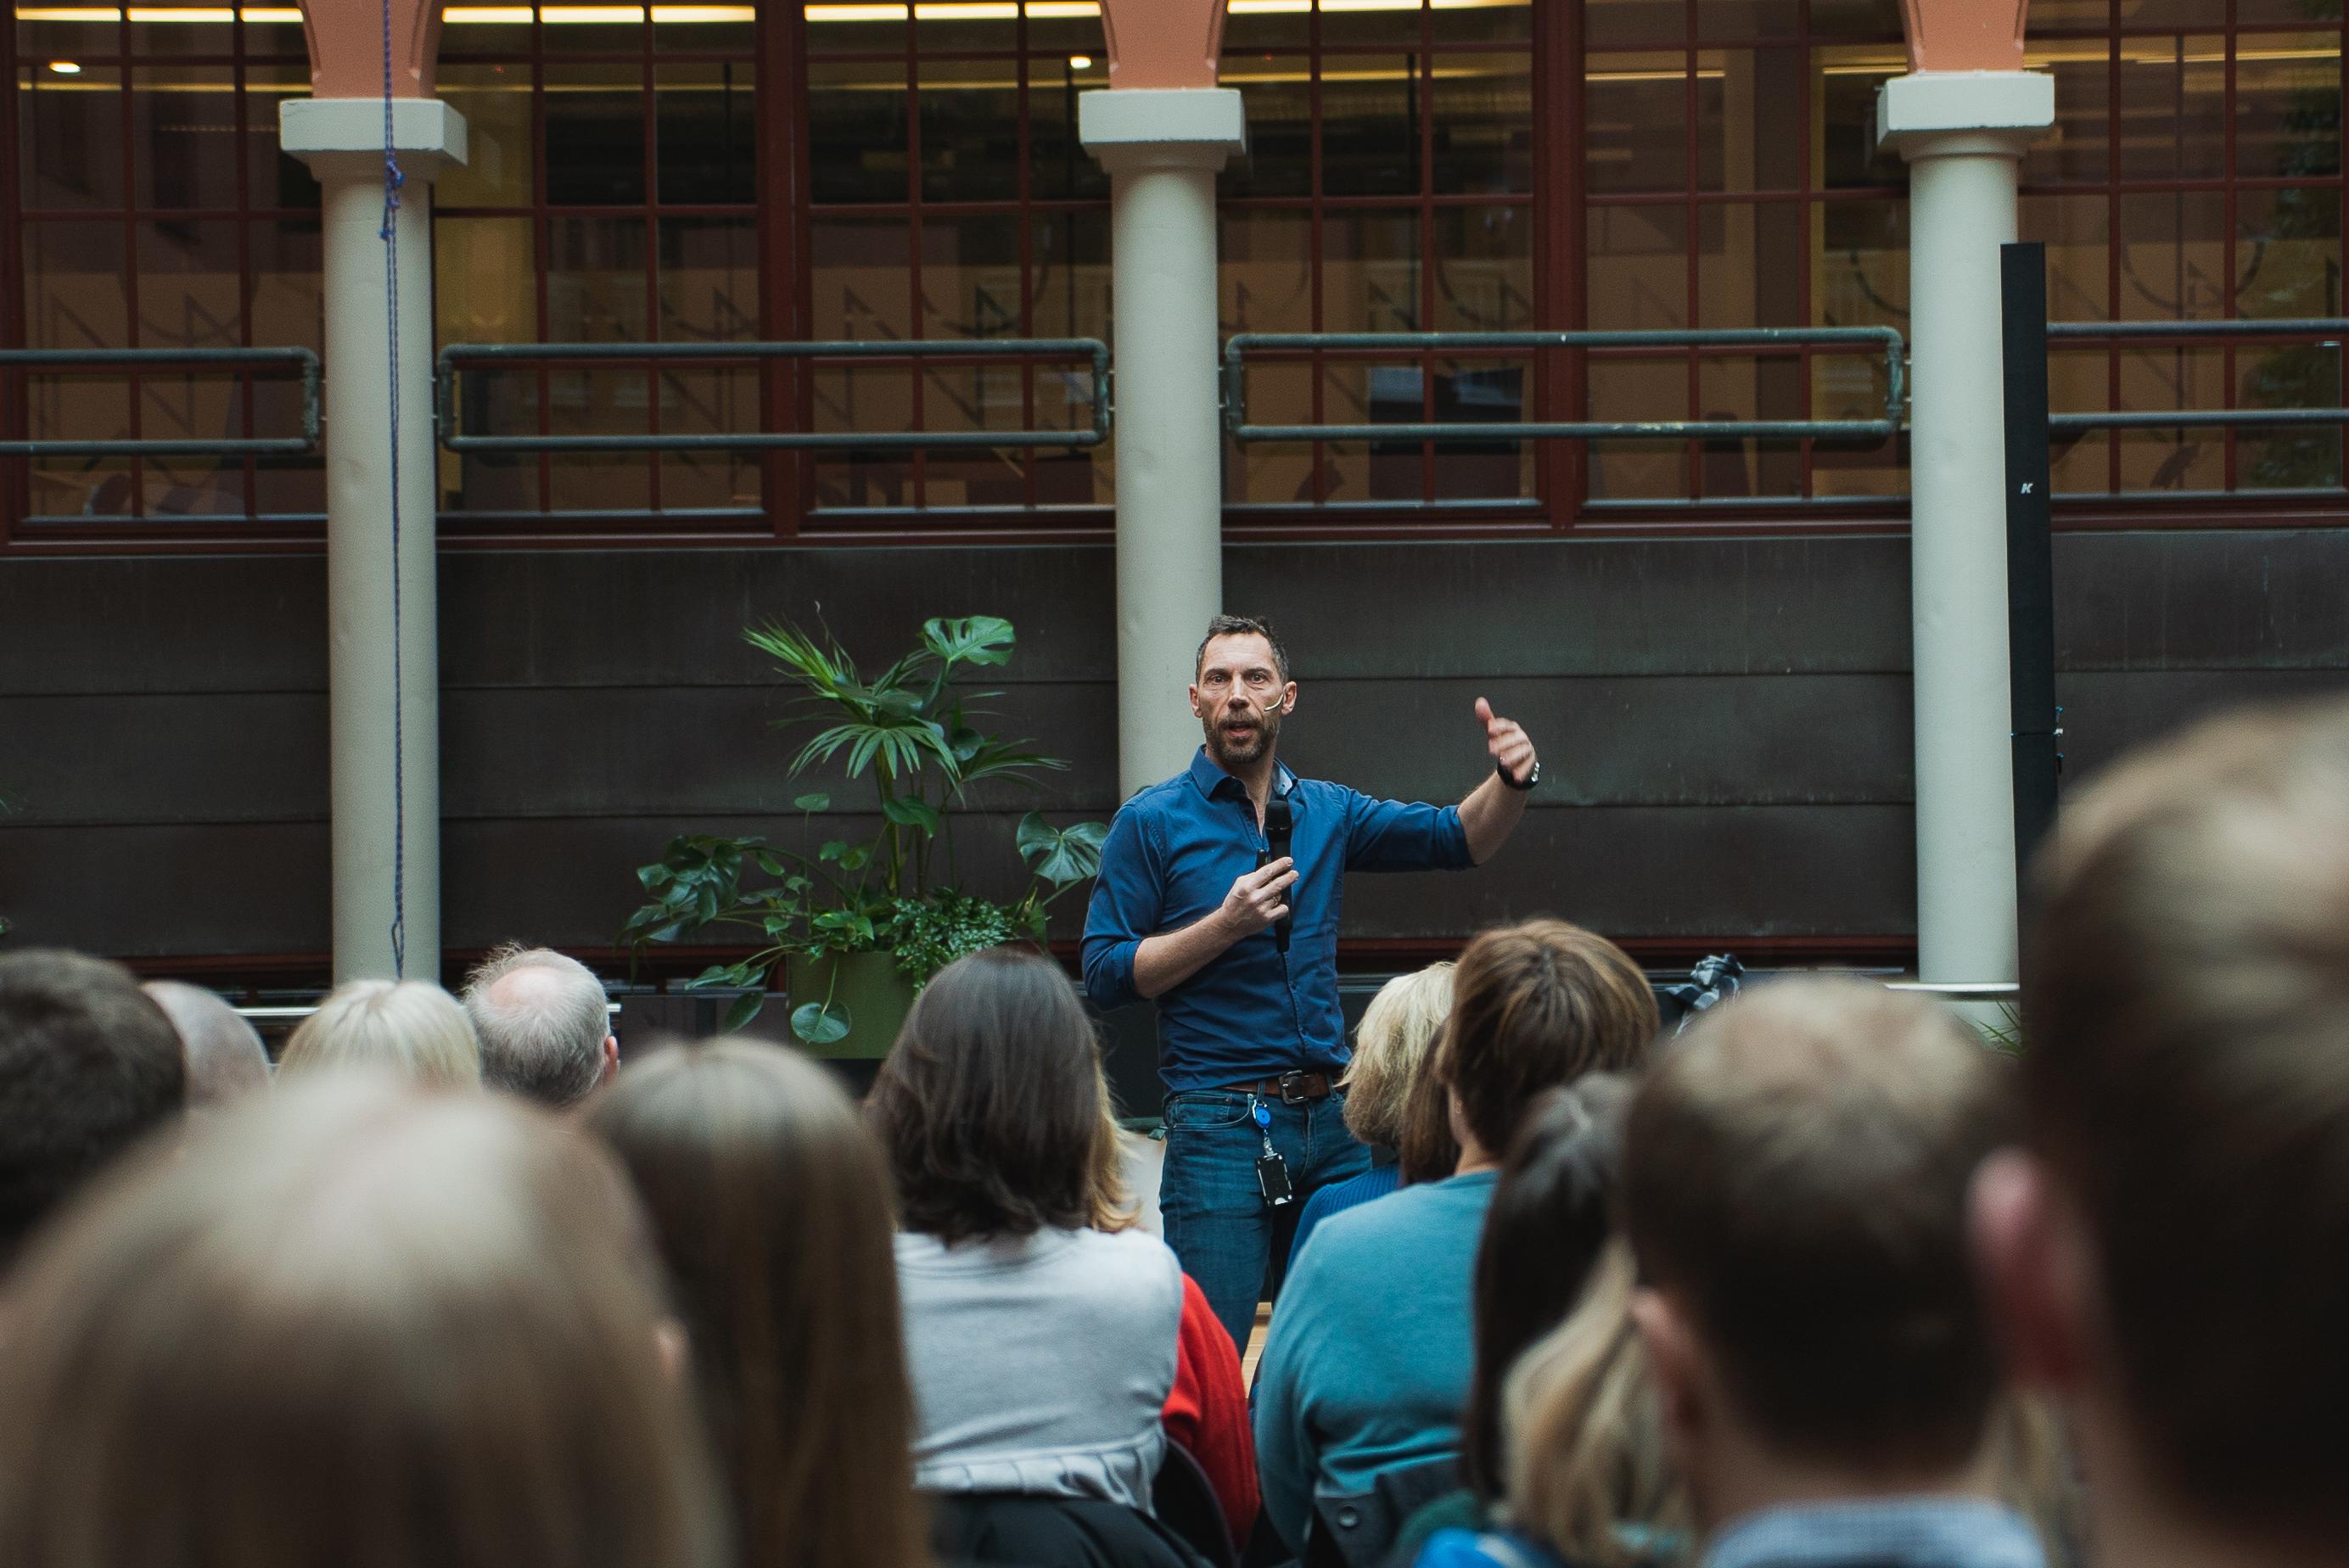 Tom Karp gir råd om hva norske ledere kan gjøre bedre. Her foreleser han i Kristiania Lederforum.